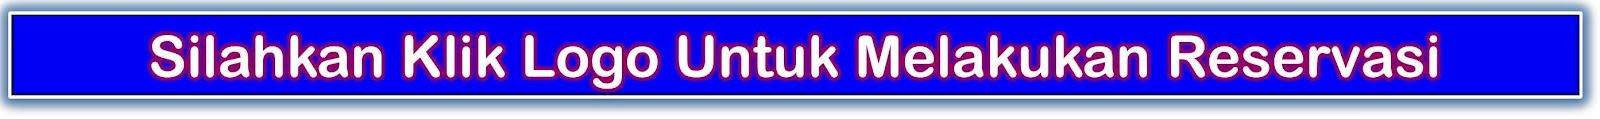 Silahkan Klik Logo Untuk Reservasi